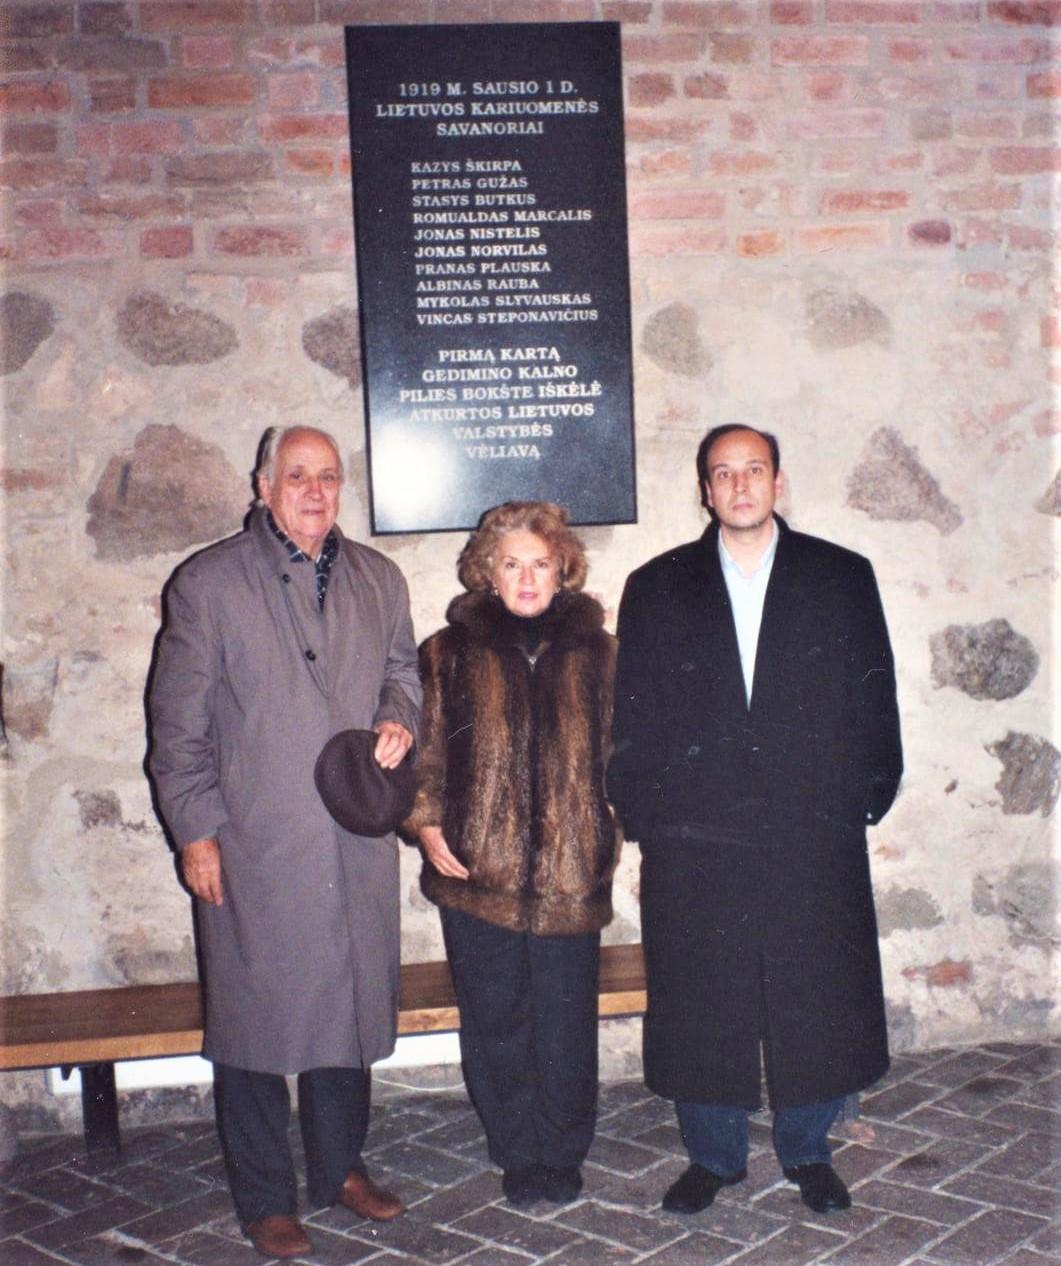 Diplomato ir pulkininko K. Škirpos sūnus Kazimieras Kęstutis Škirpa, marti Kristina Škirpienė, ankūkas Aleksandras Škirpa. Vilnius, Gedimino bokštas, 1995 m.